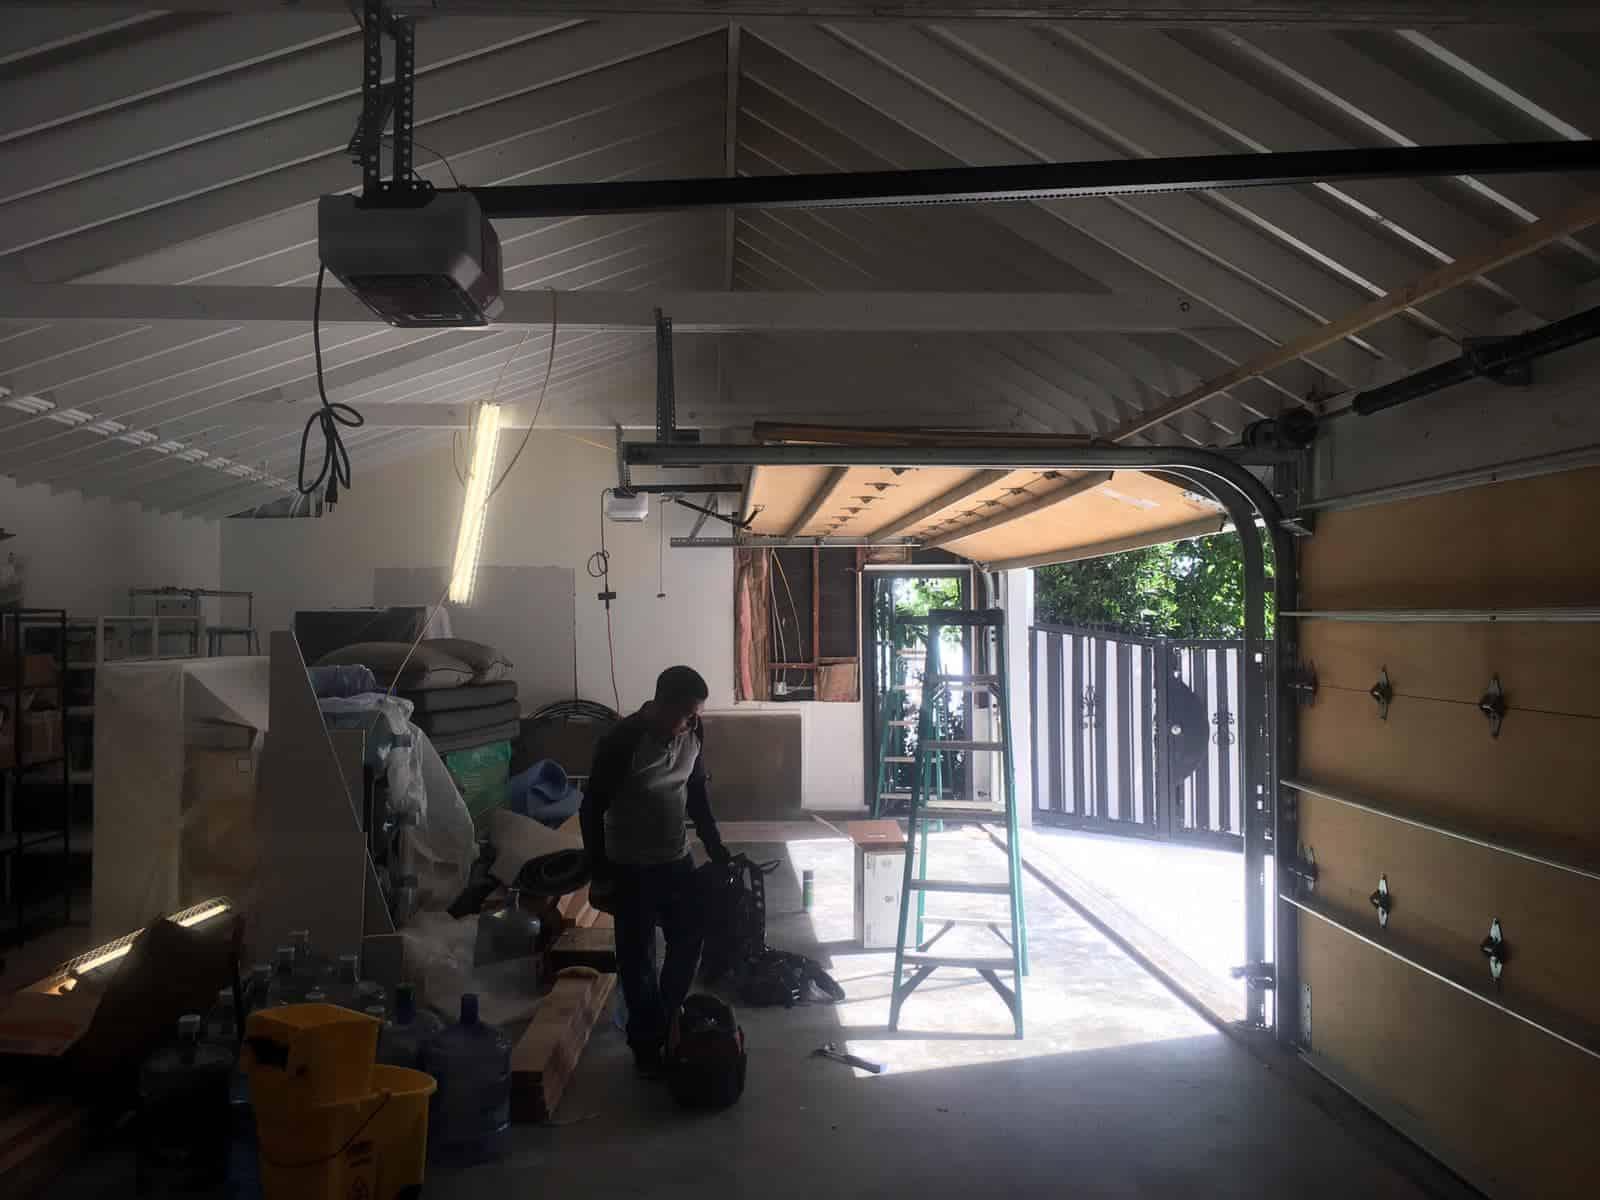 Alpine UT Garage Door Repair Services